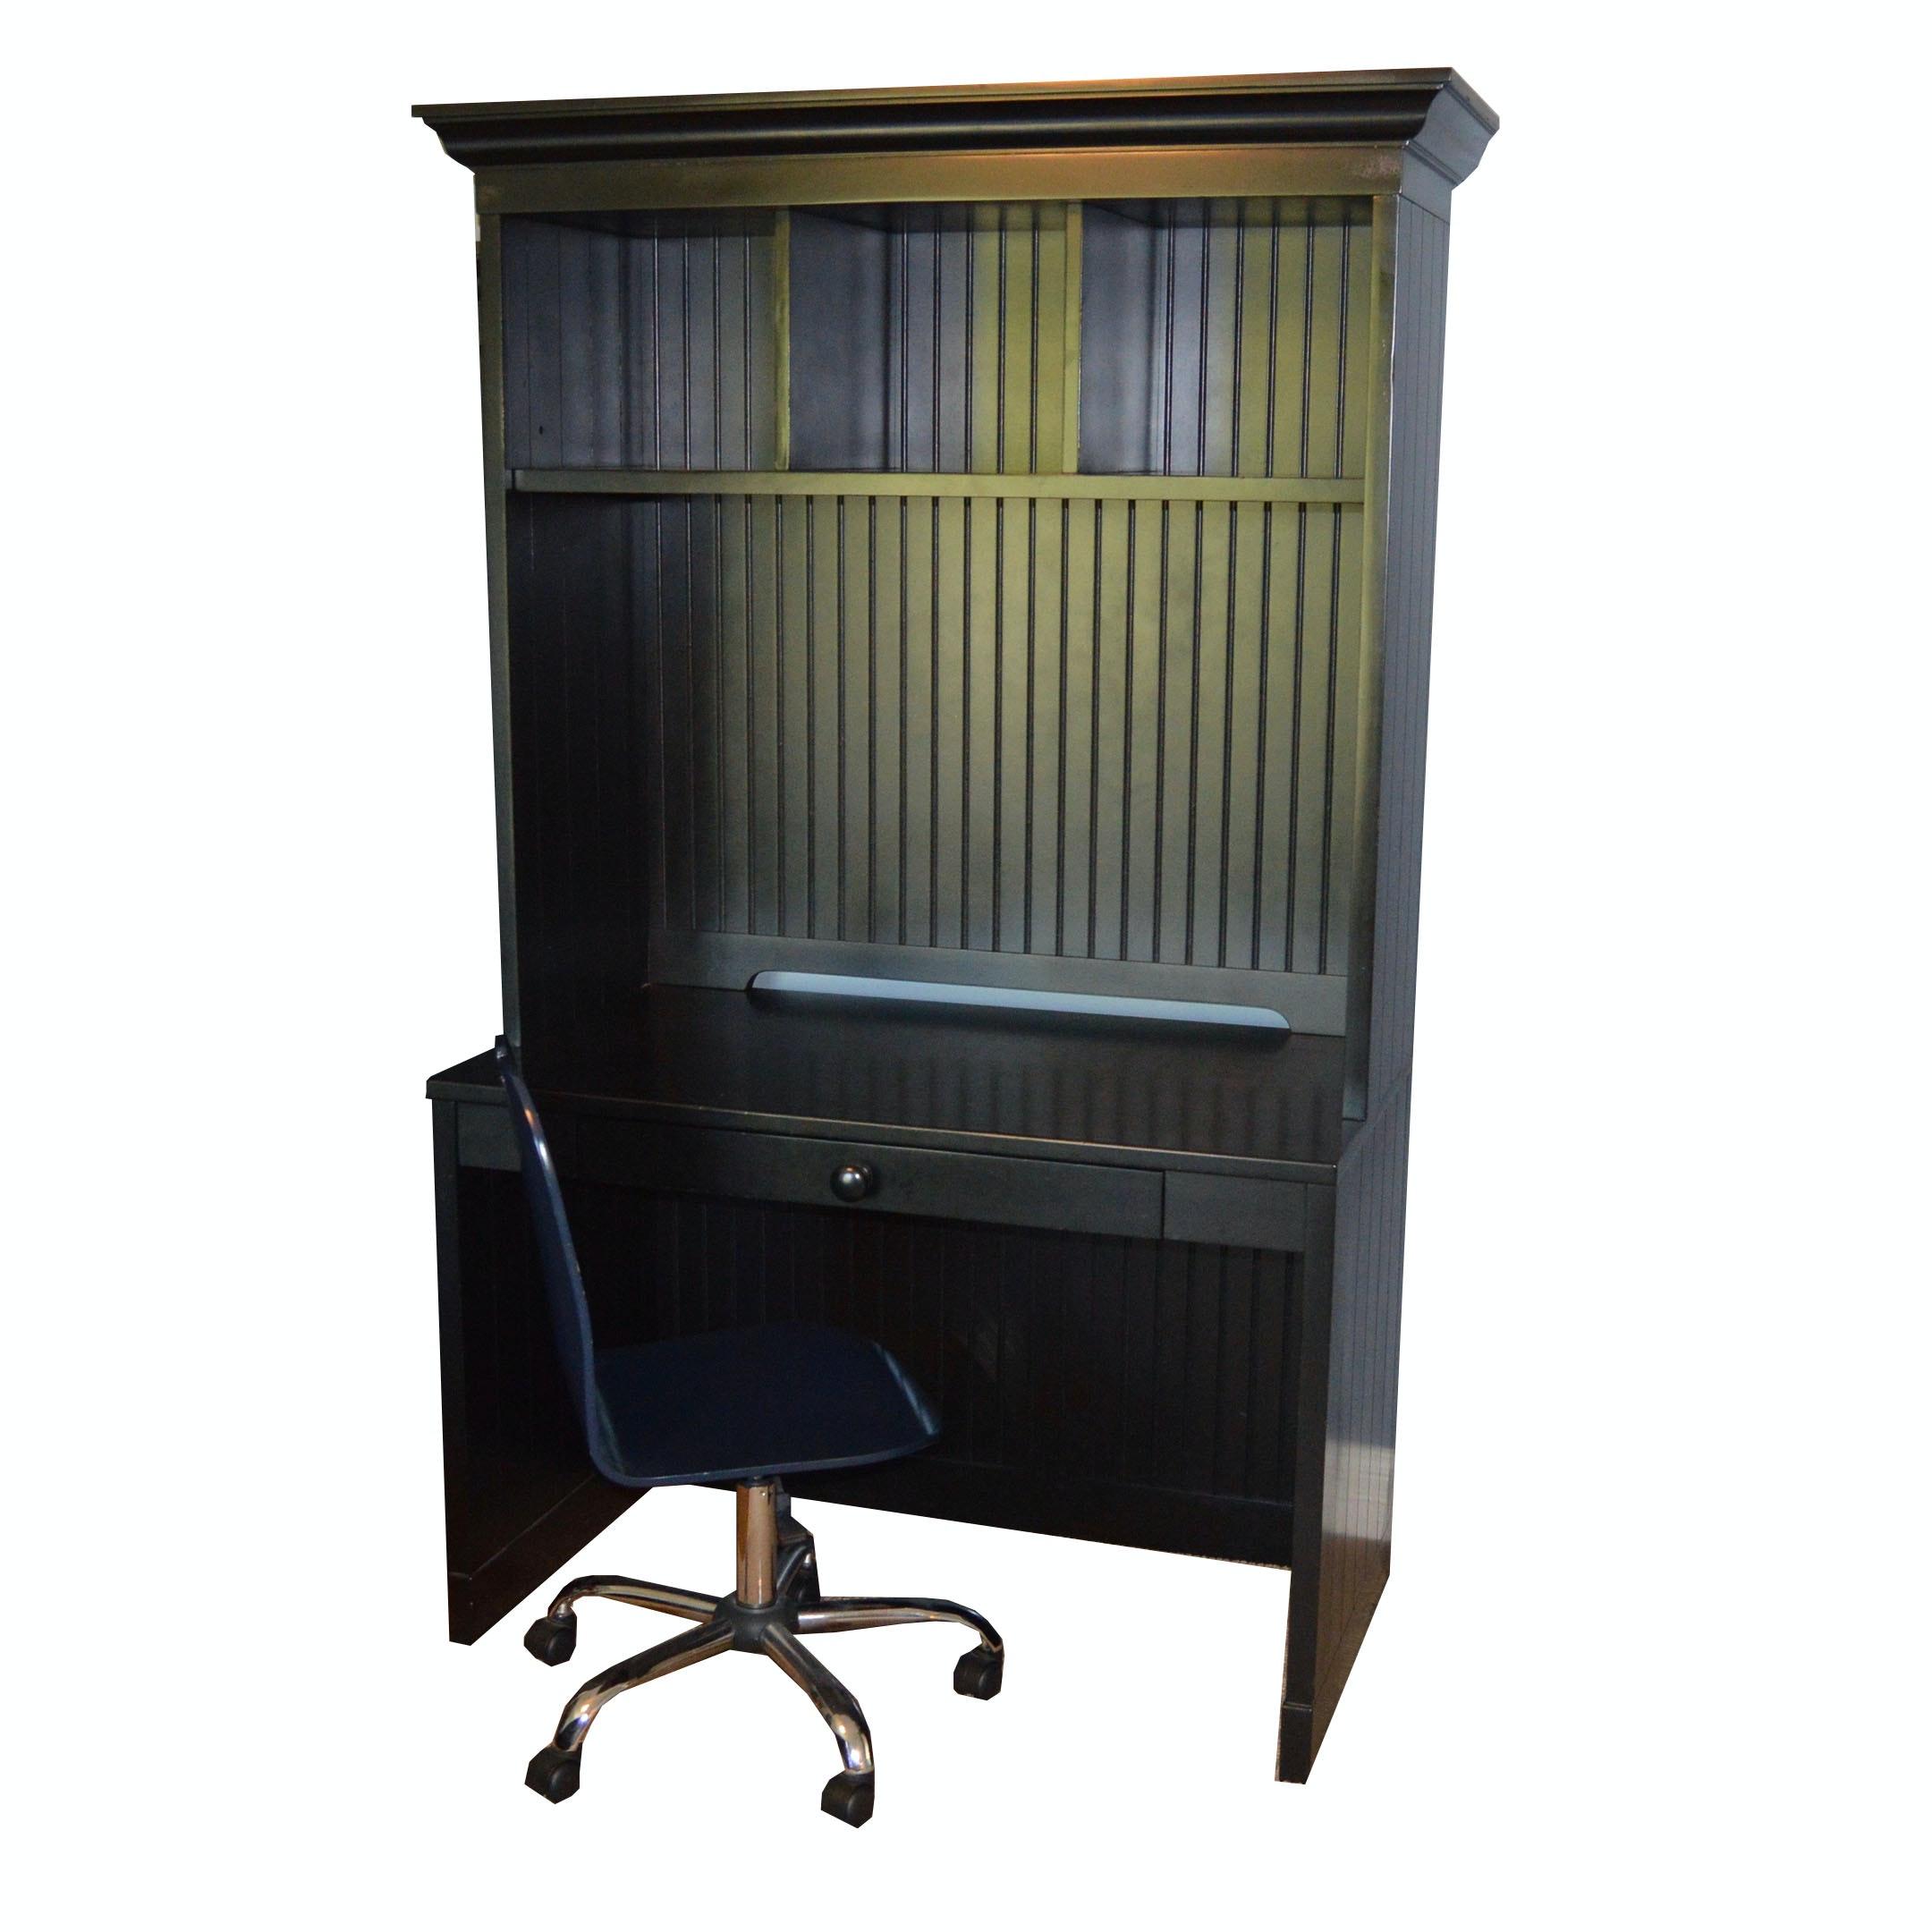 Pottery Barn Desk and Chair in Espresso